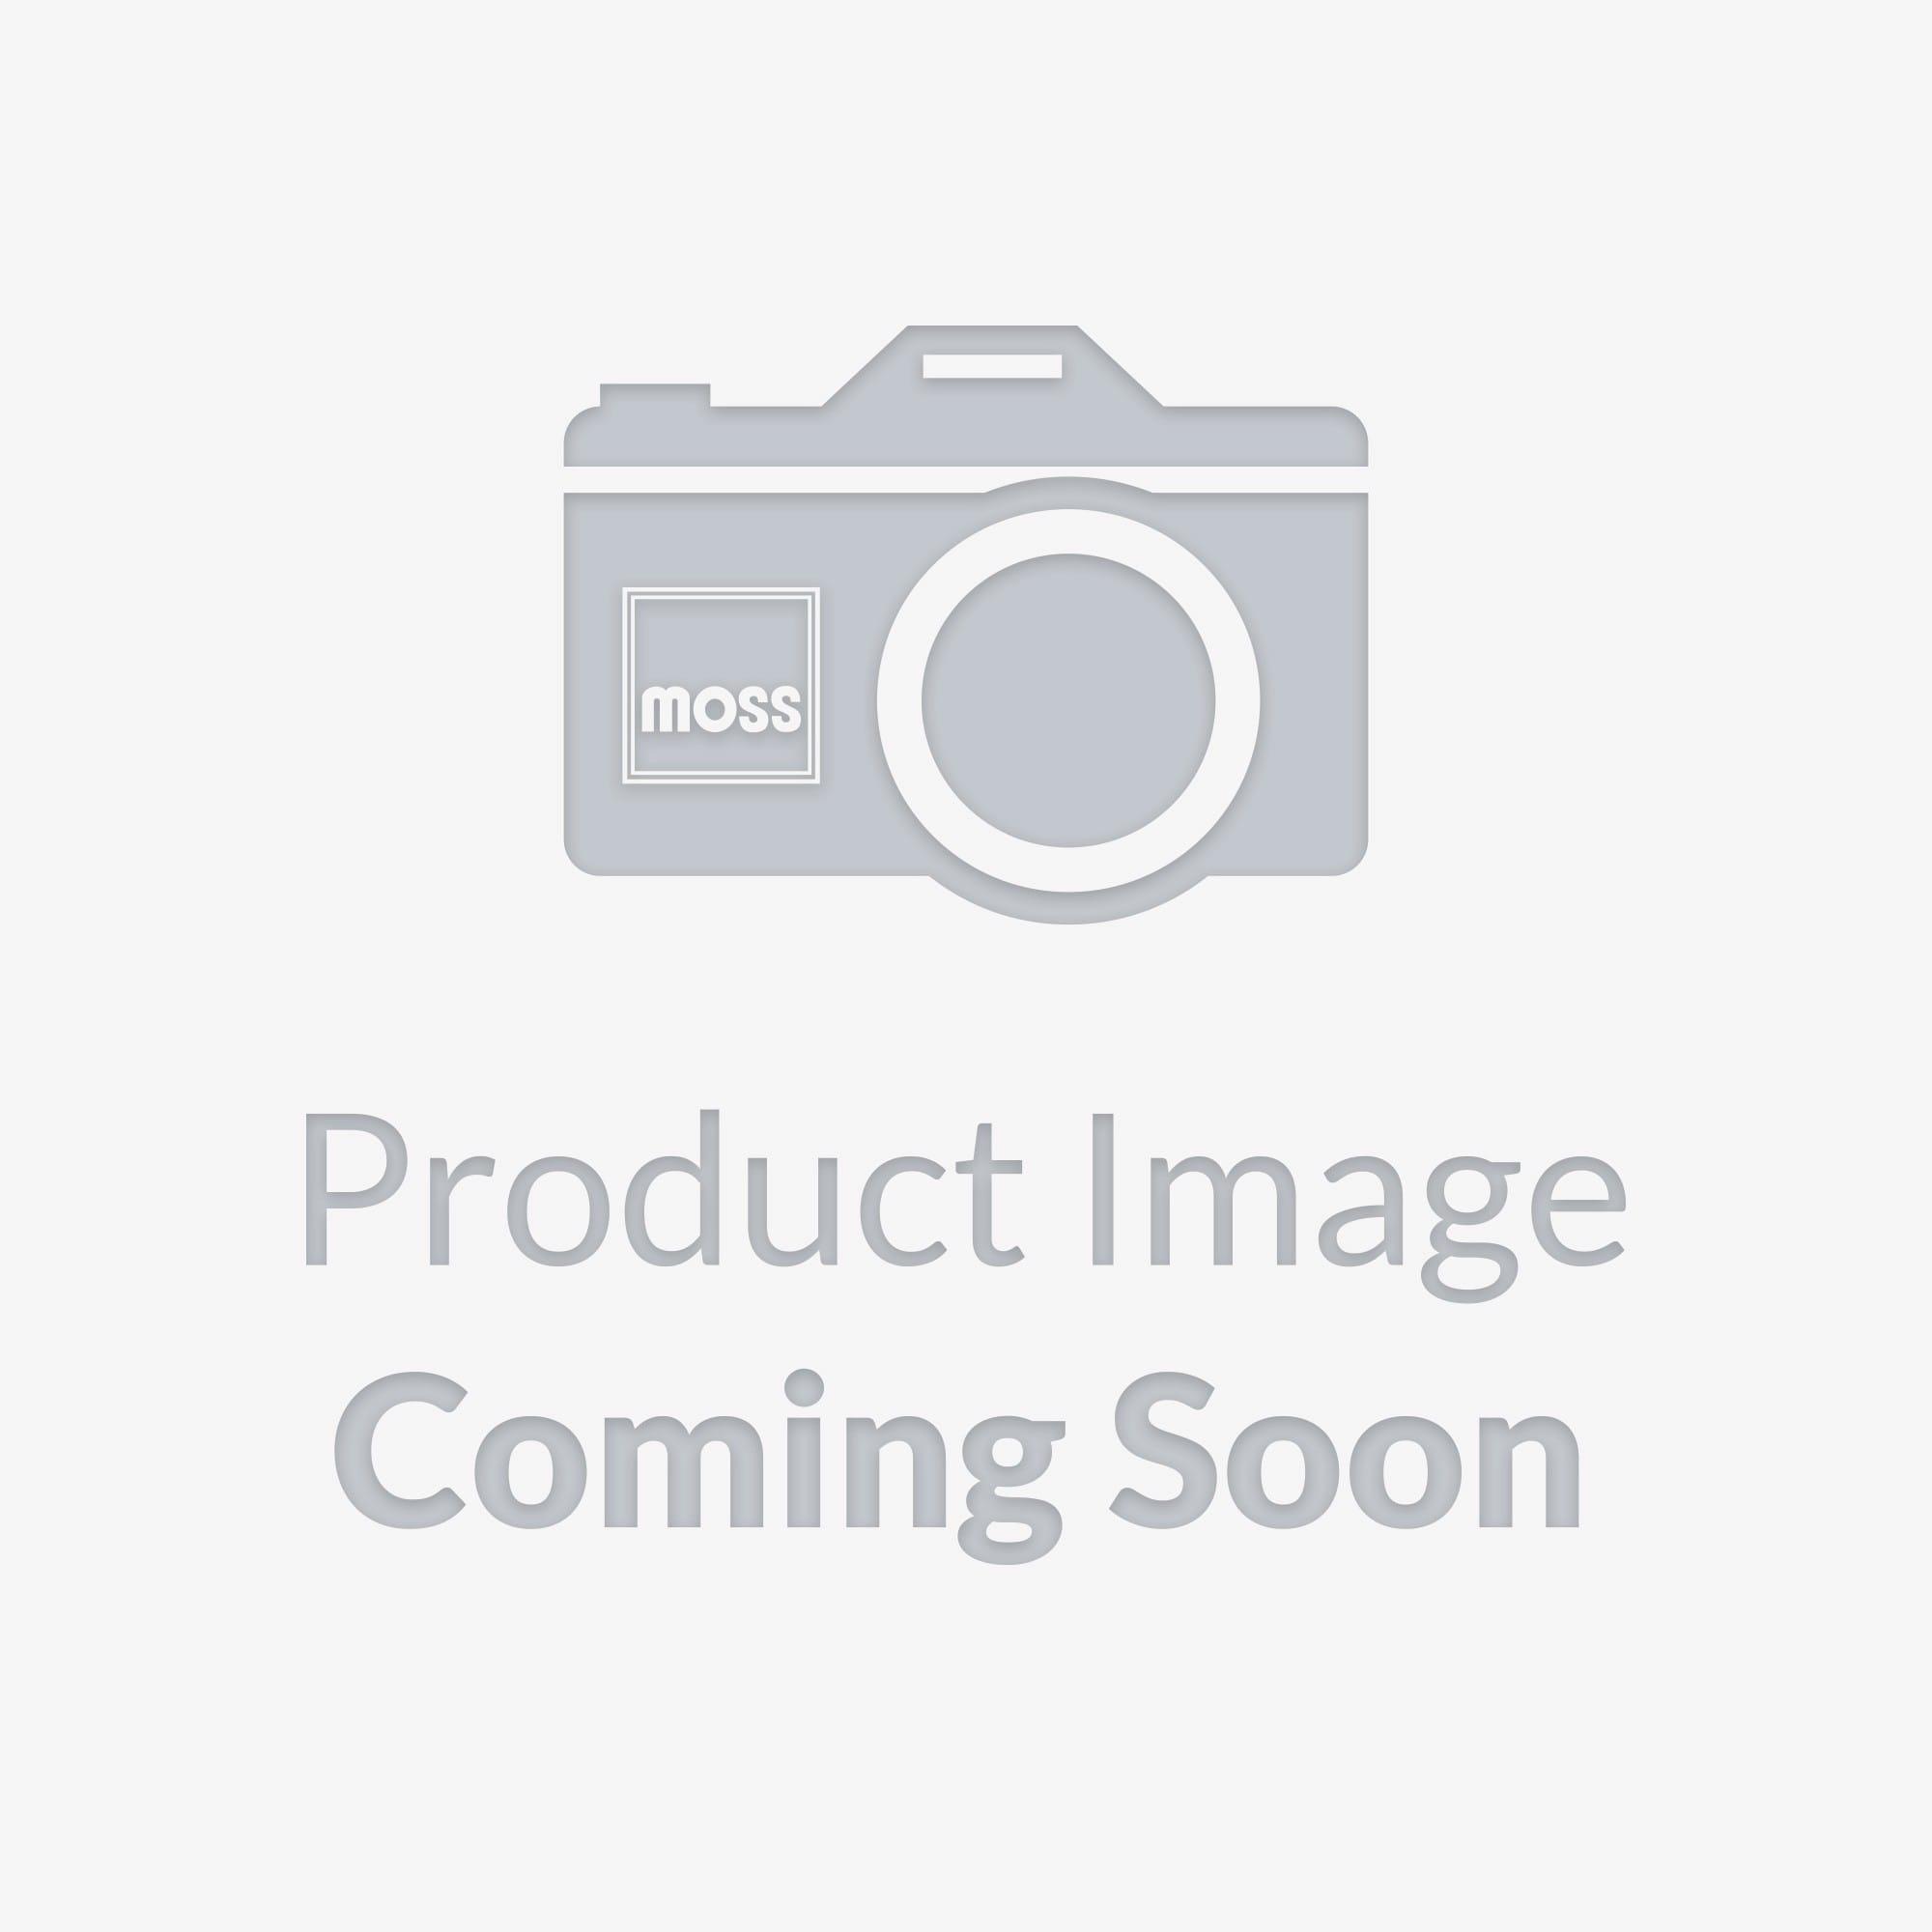 Motoring Challenge   Moss Motors